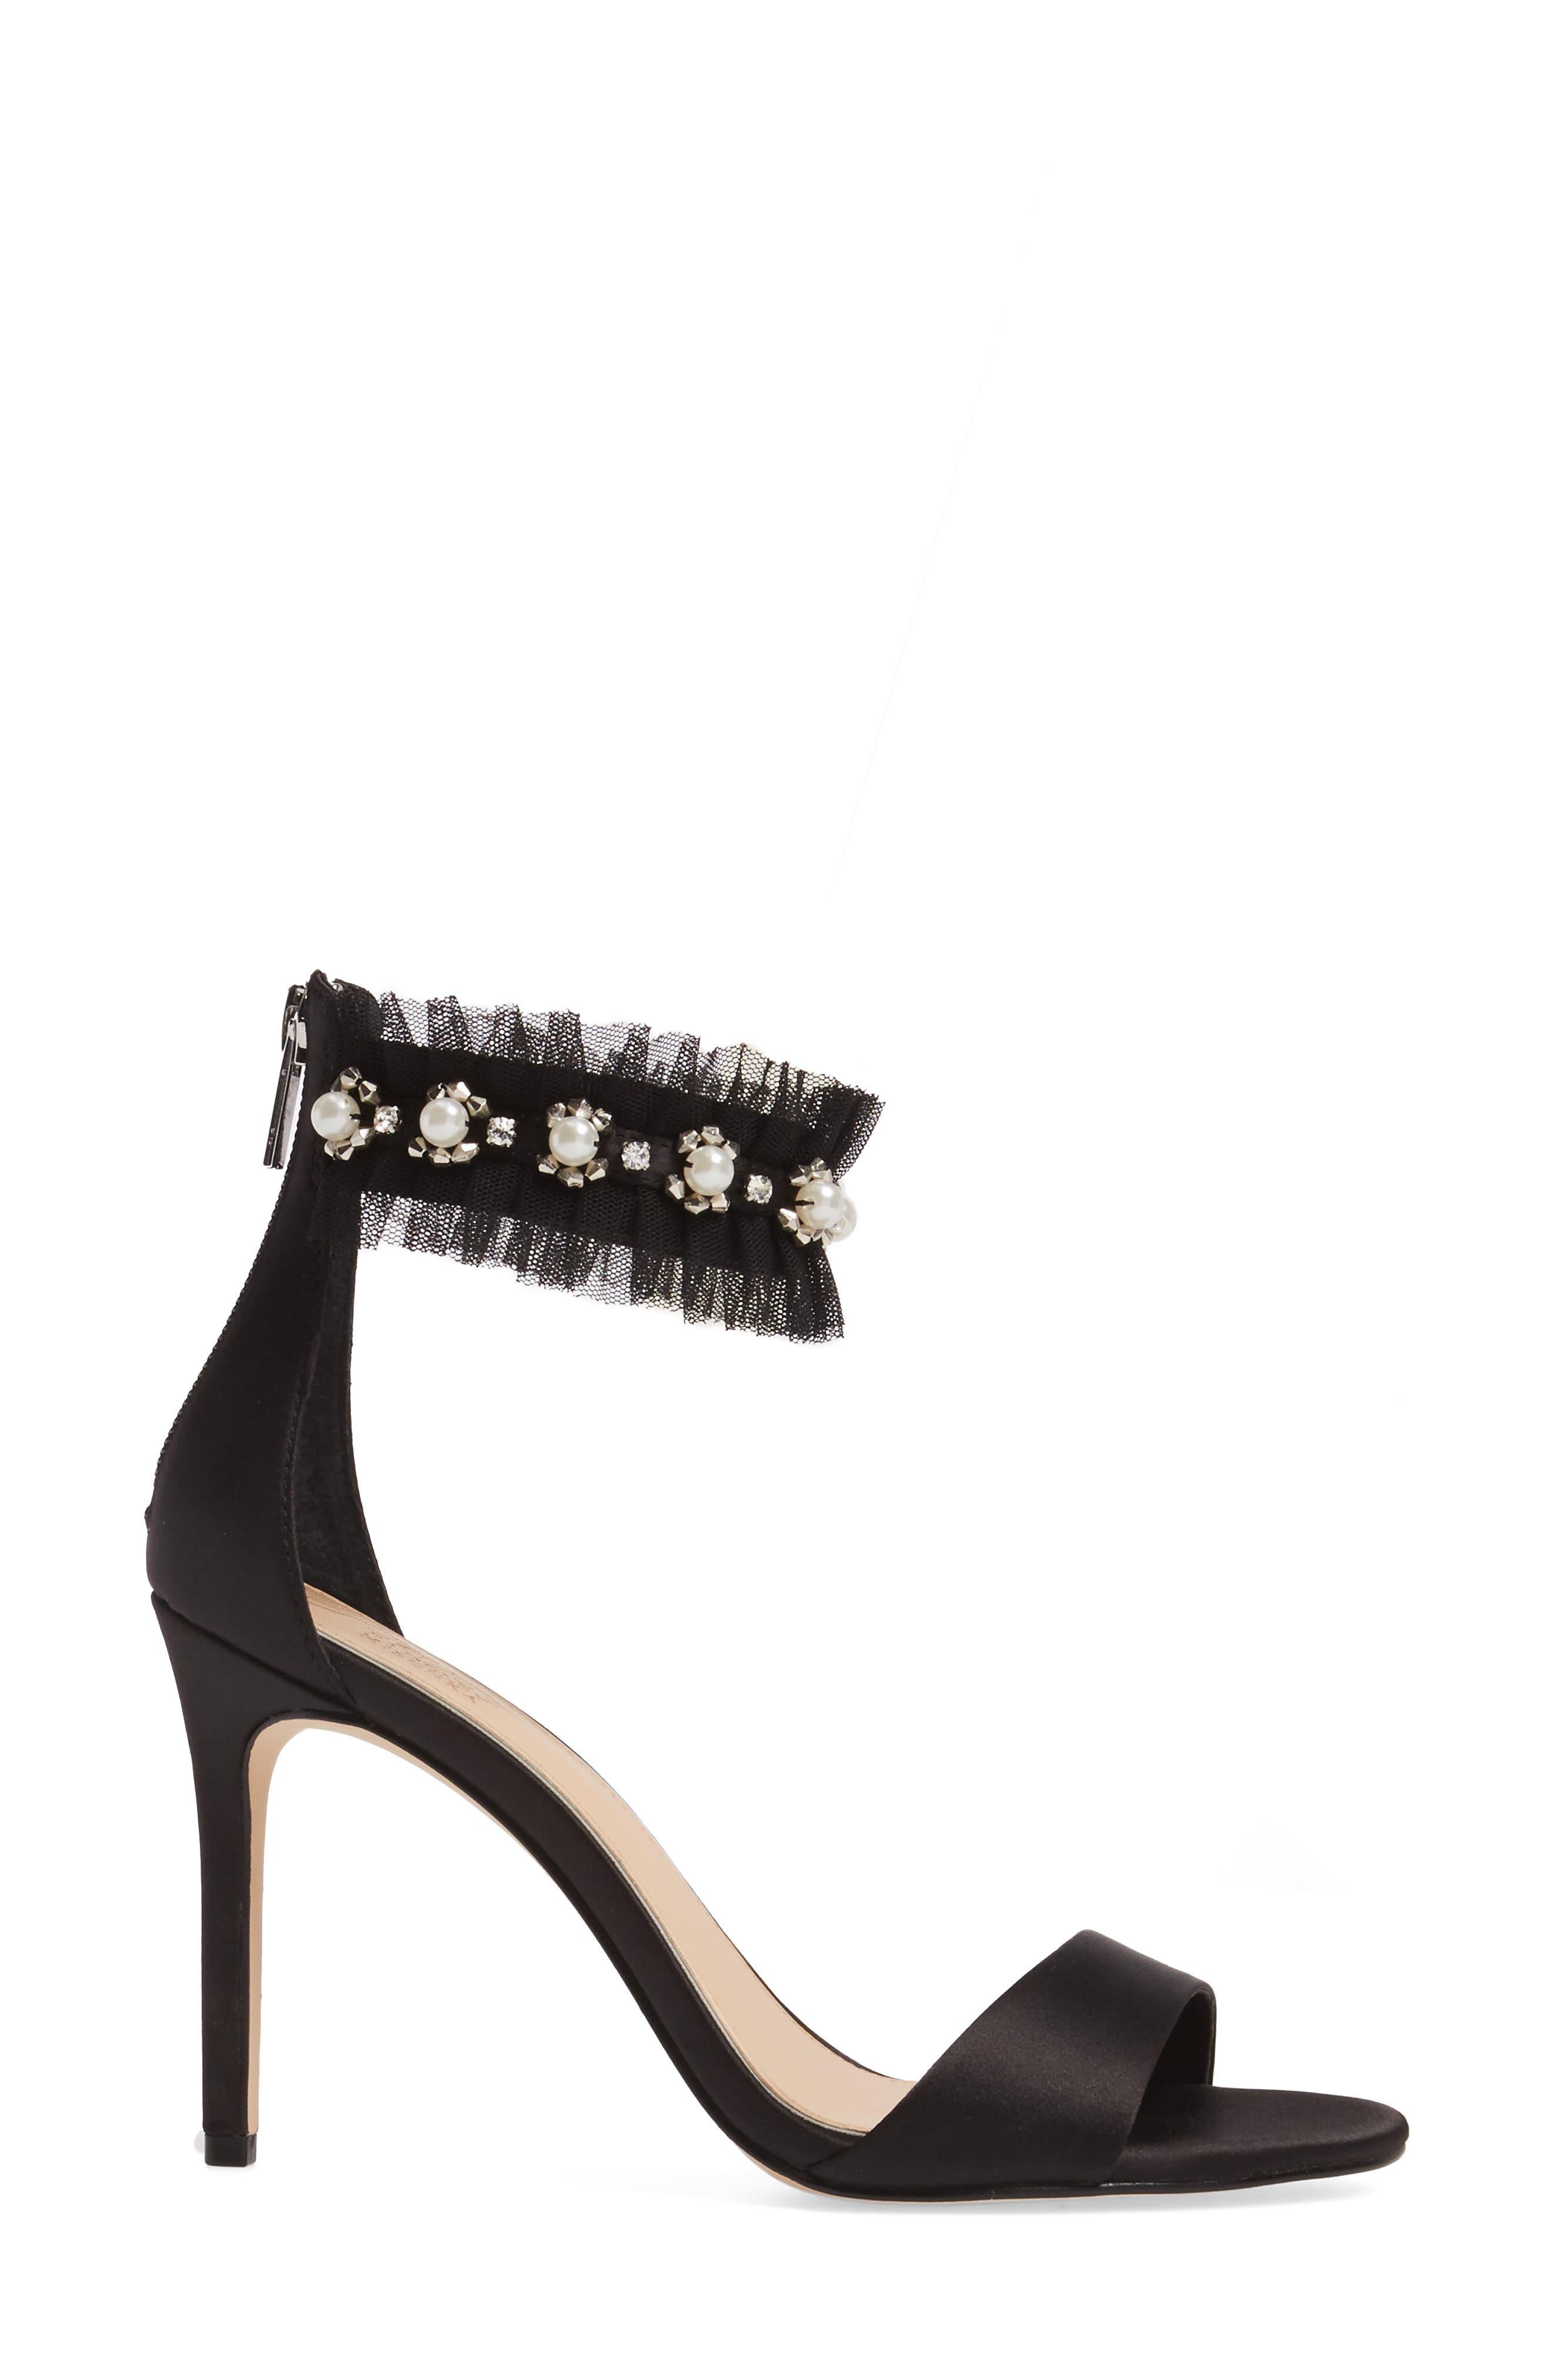 Abagail Embellished Ankle Strap Sandal,                             Alternate thumbnail 3, color,                             Black Satin